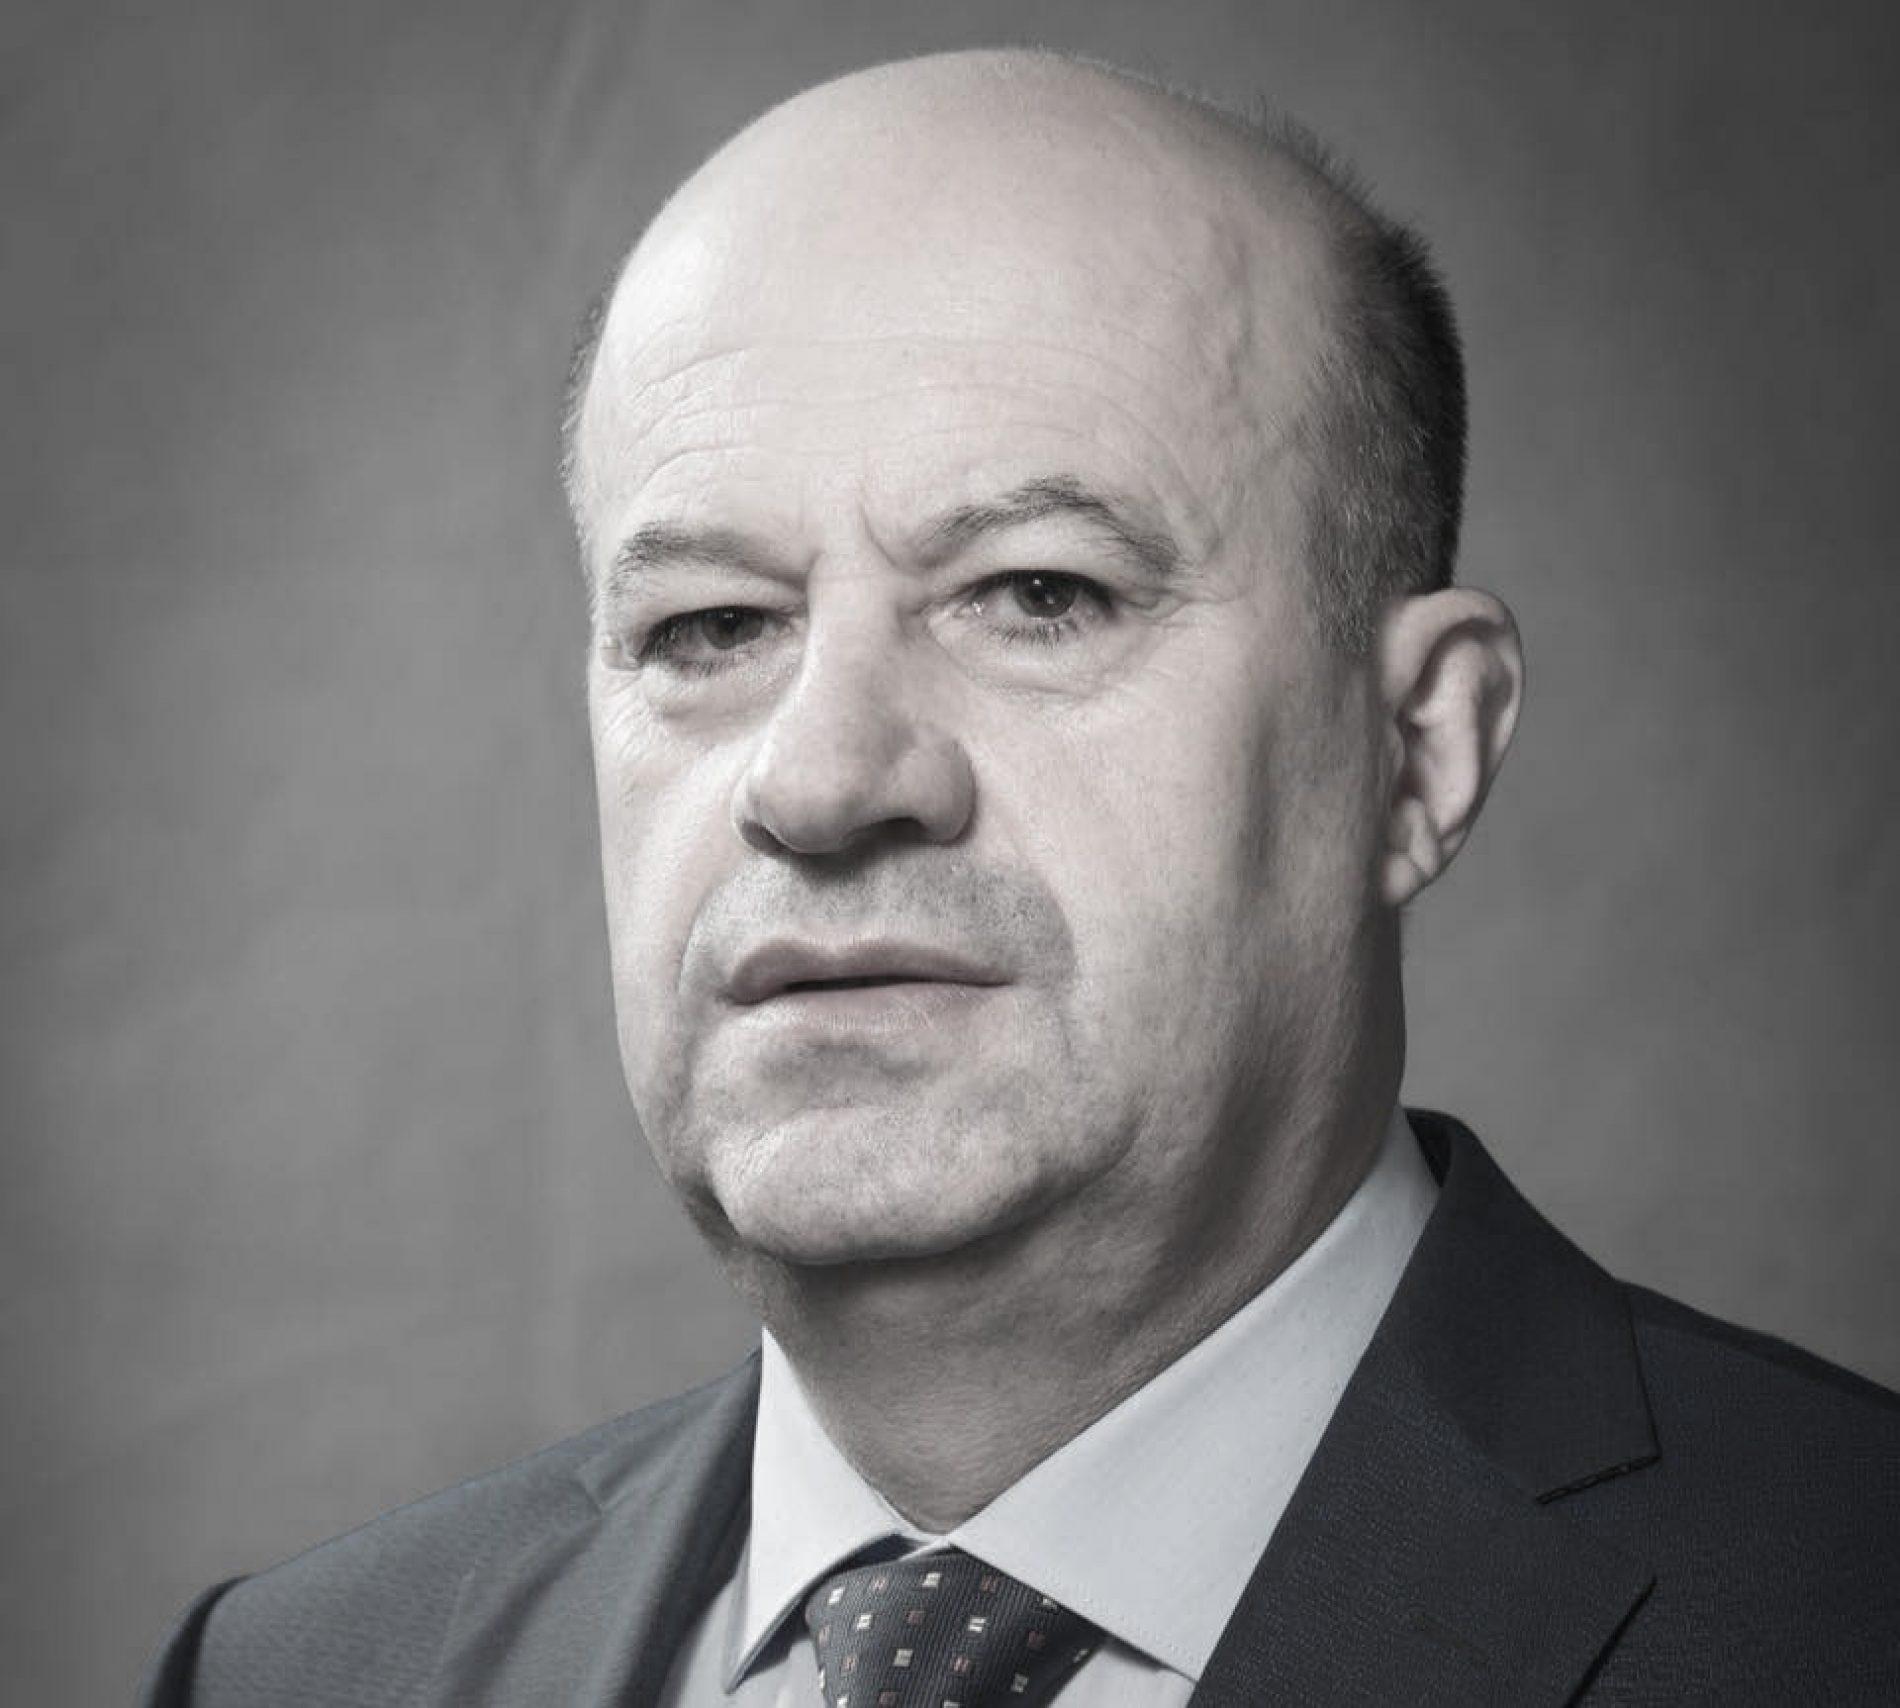 Preminuo Rafet Husović, istaknuti bošnjački političar iz CG